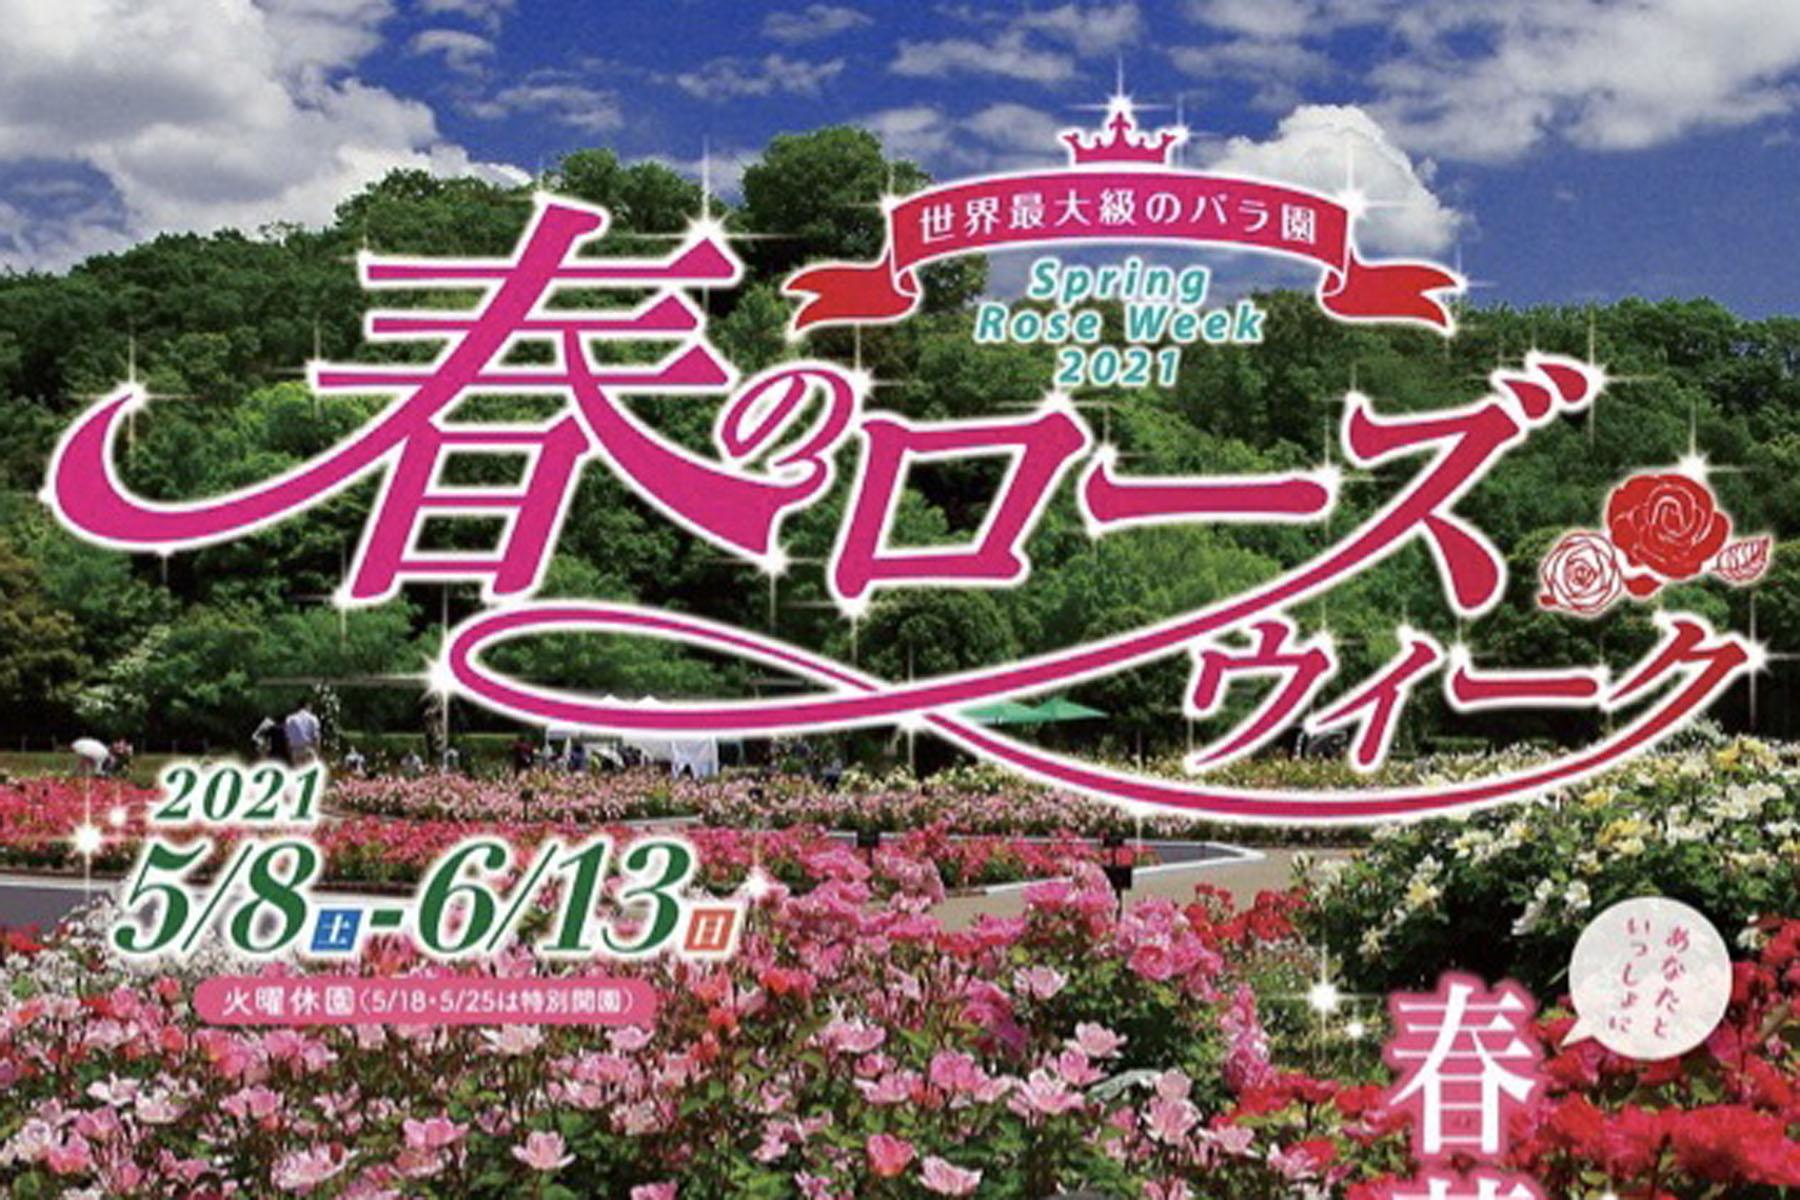 5月15日(土)16日(日),29日(土)30日(日)</br>あなたといっしょに紙薔薇に癒されて in 岐阜県